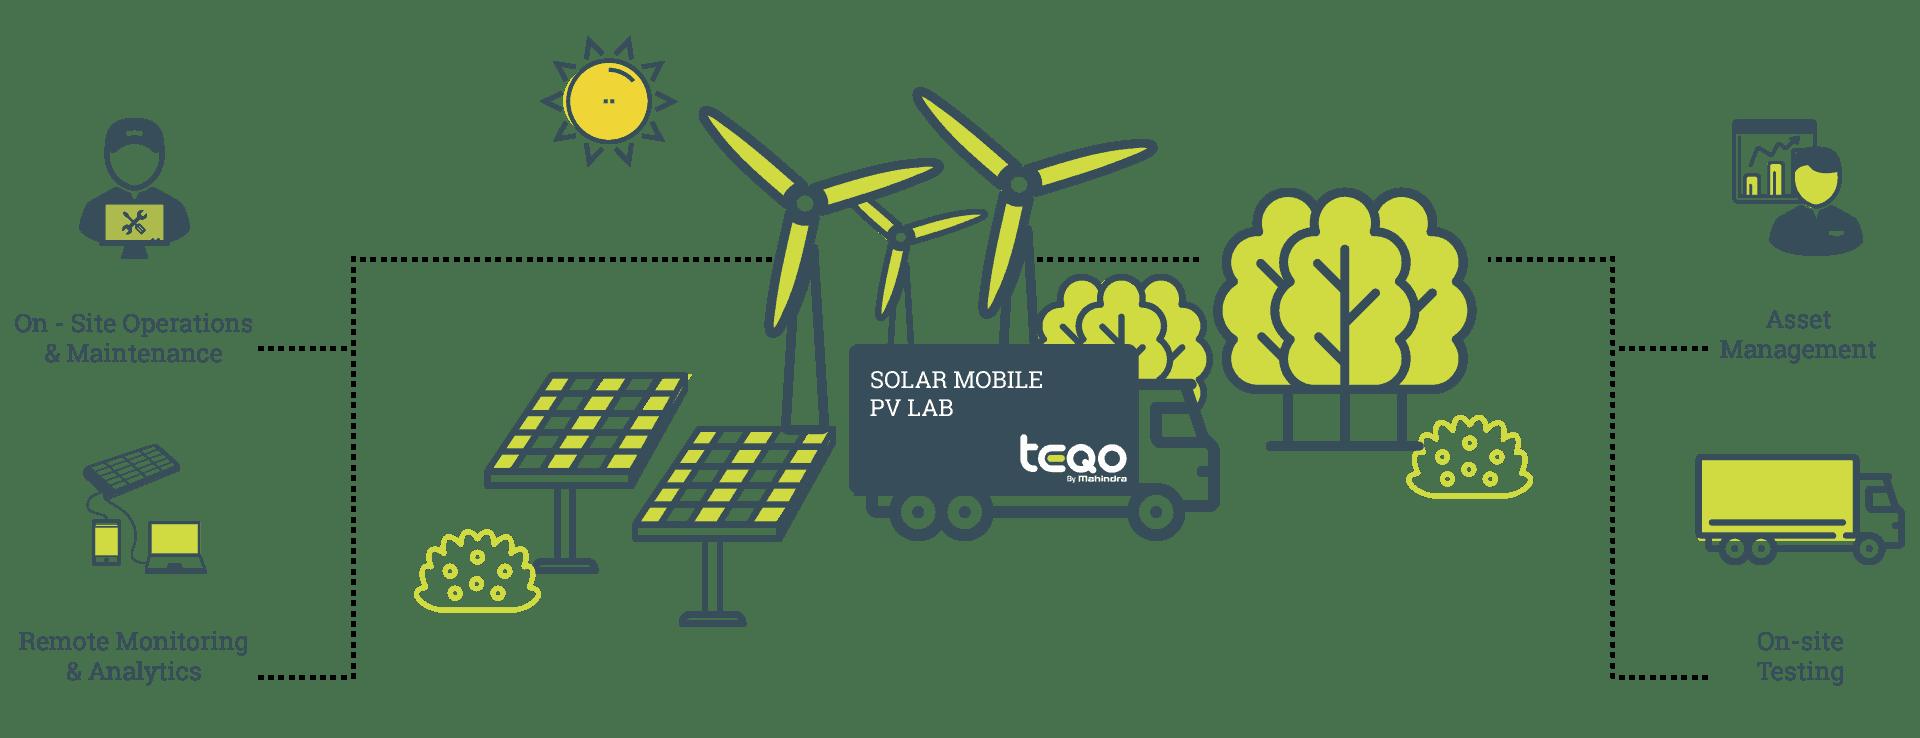 Solar PV Mobile Lab - Mahindra Teqo